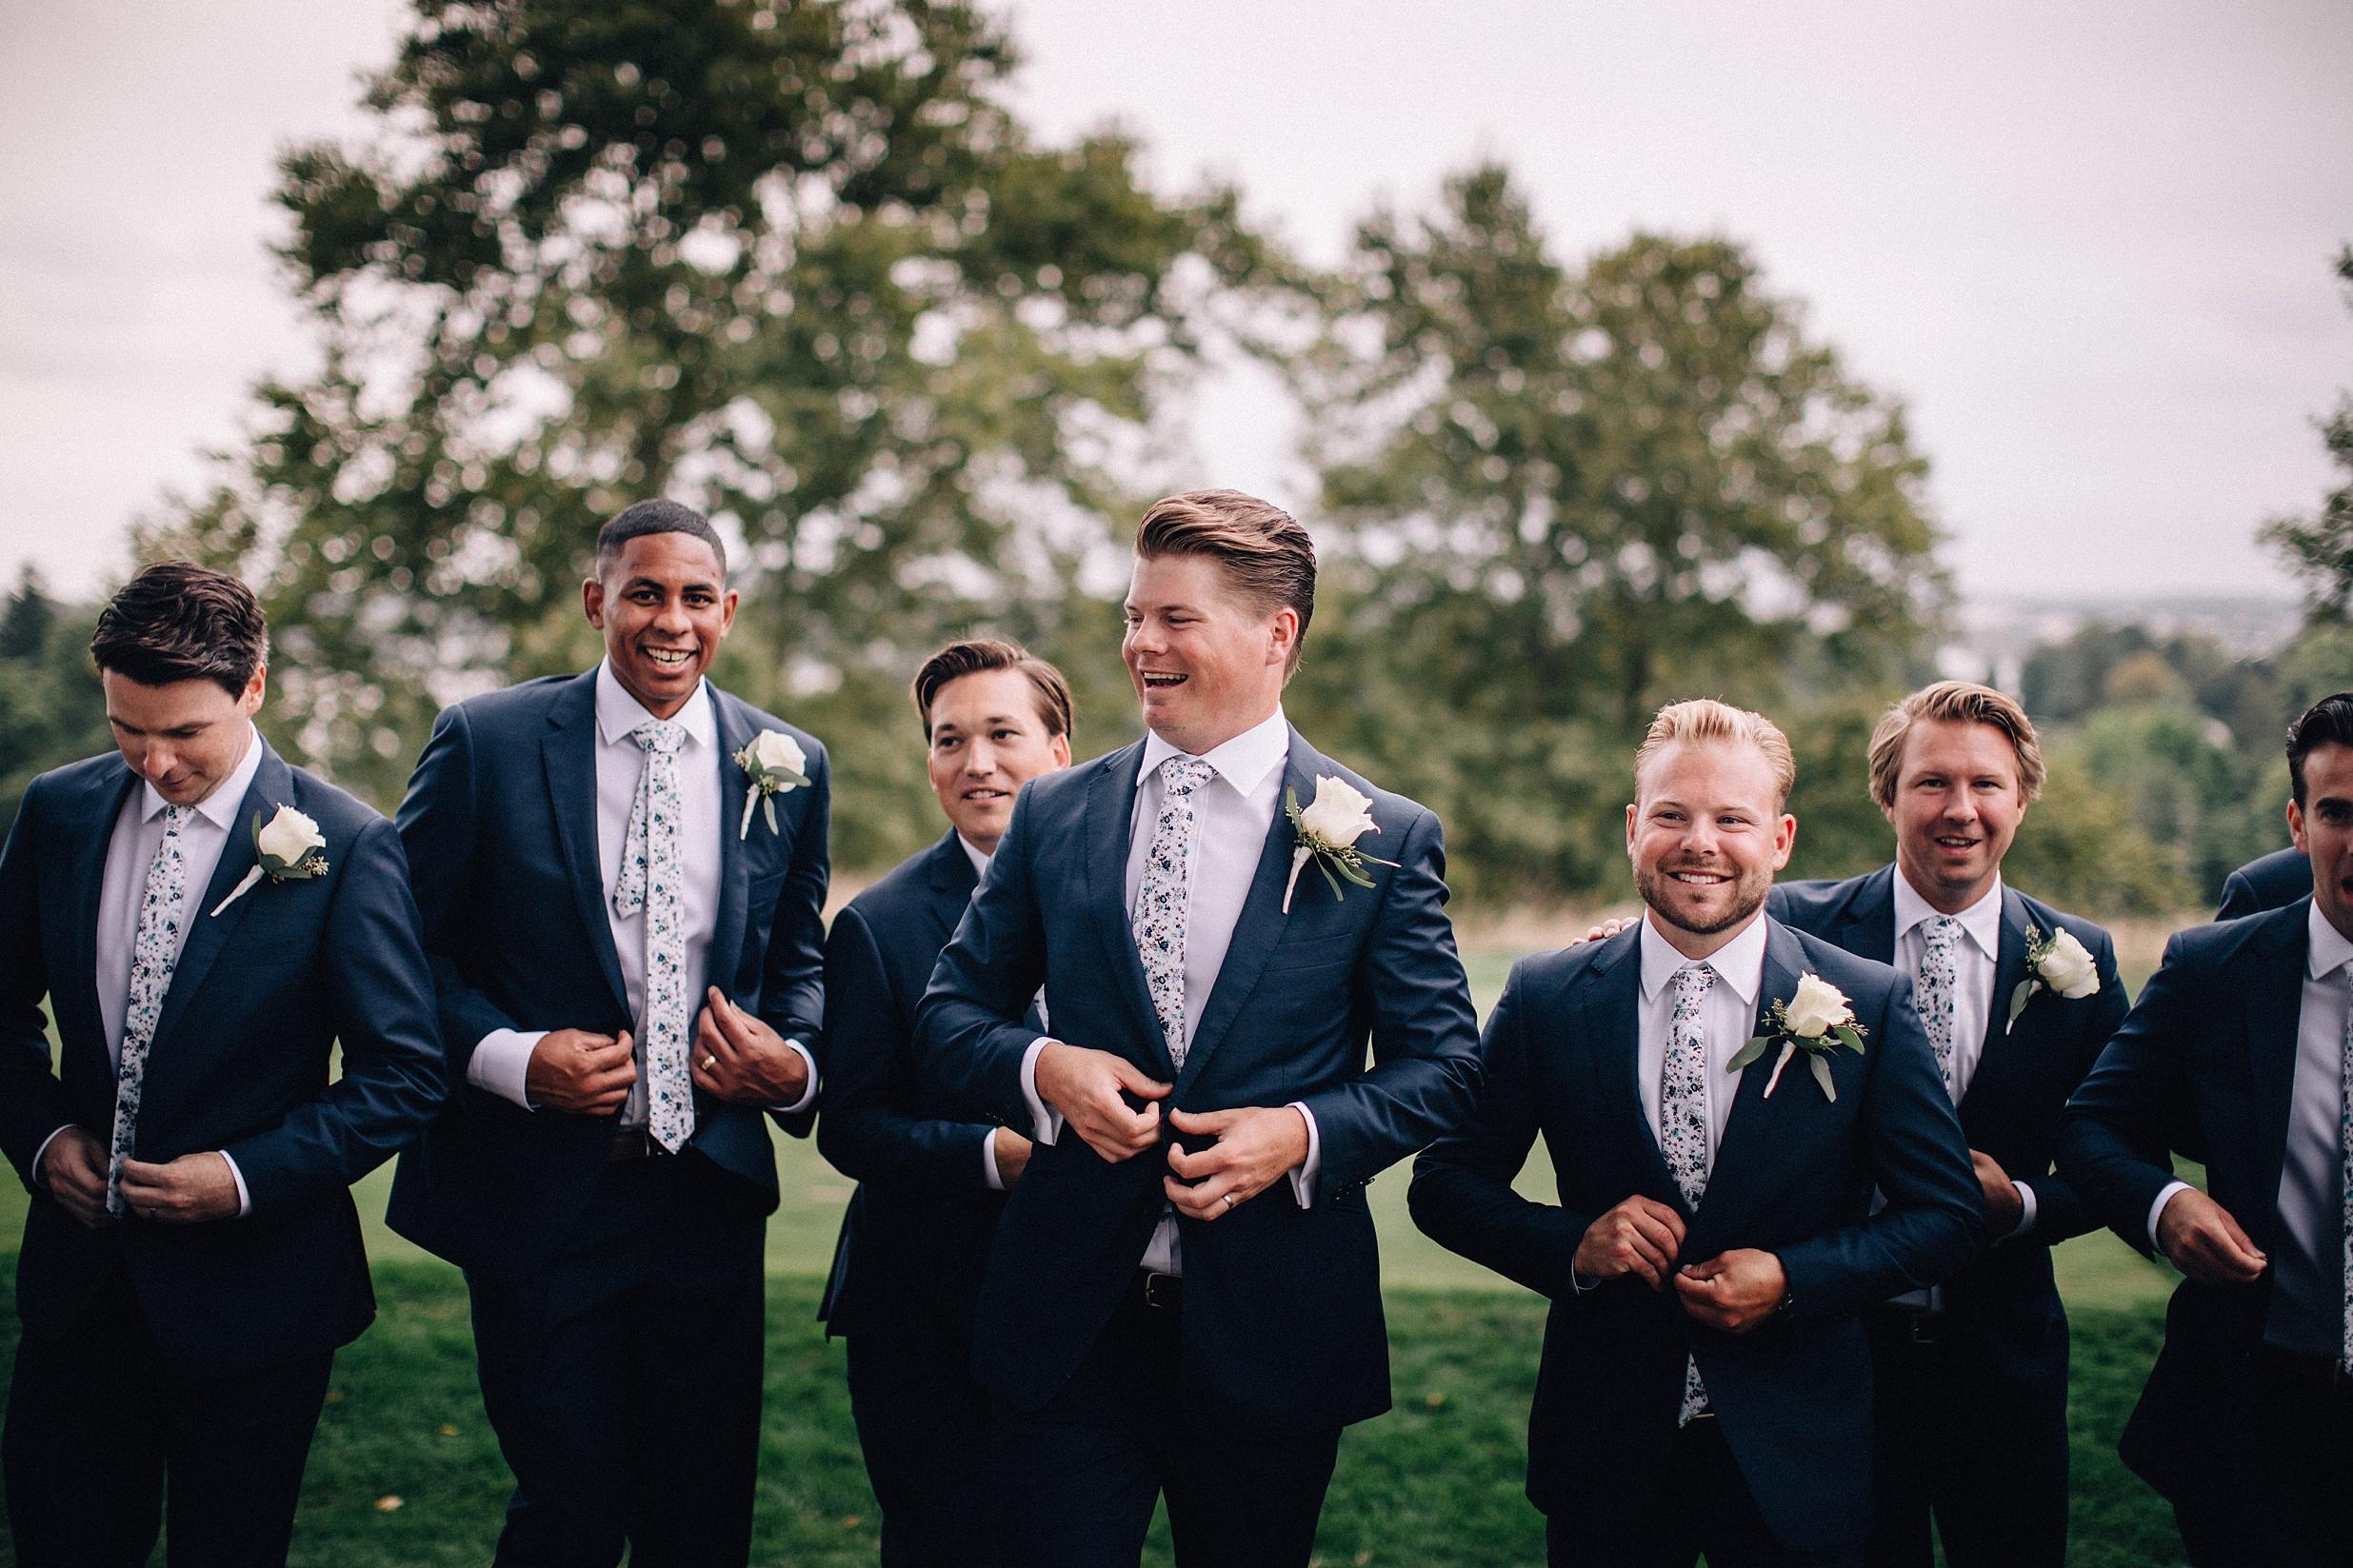 jersey-outdoor-ceremony-wedding-navasink-monmouth-rumson_0055.jpg